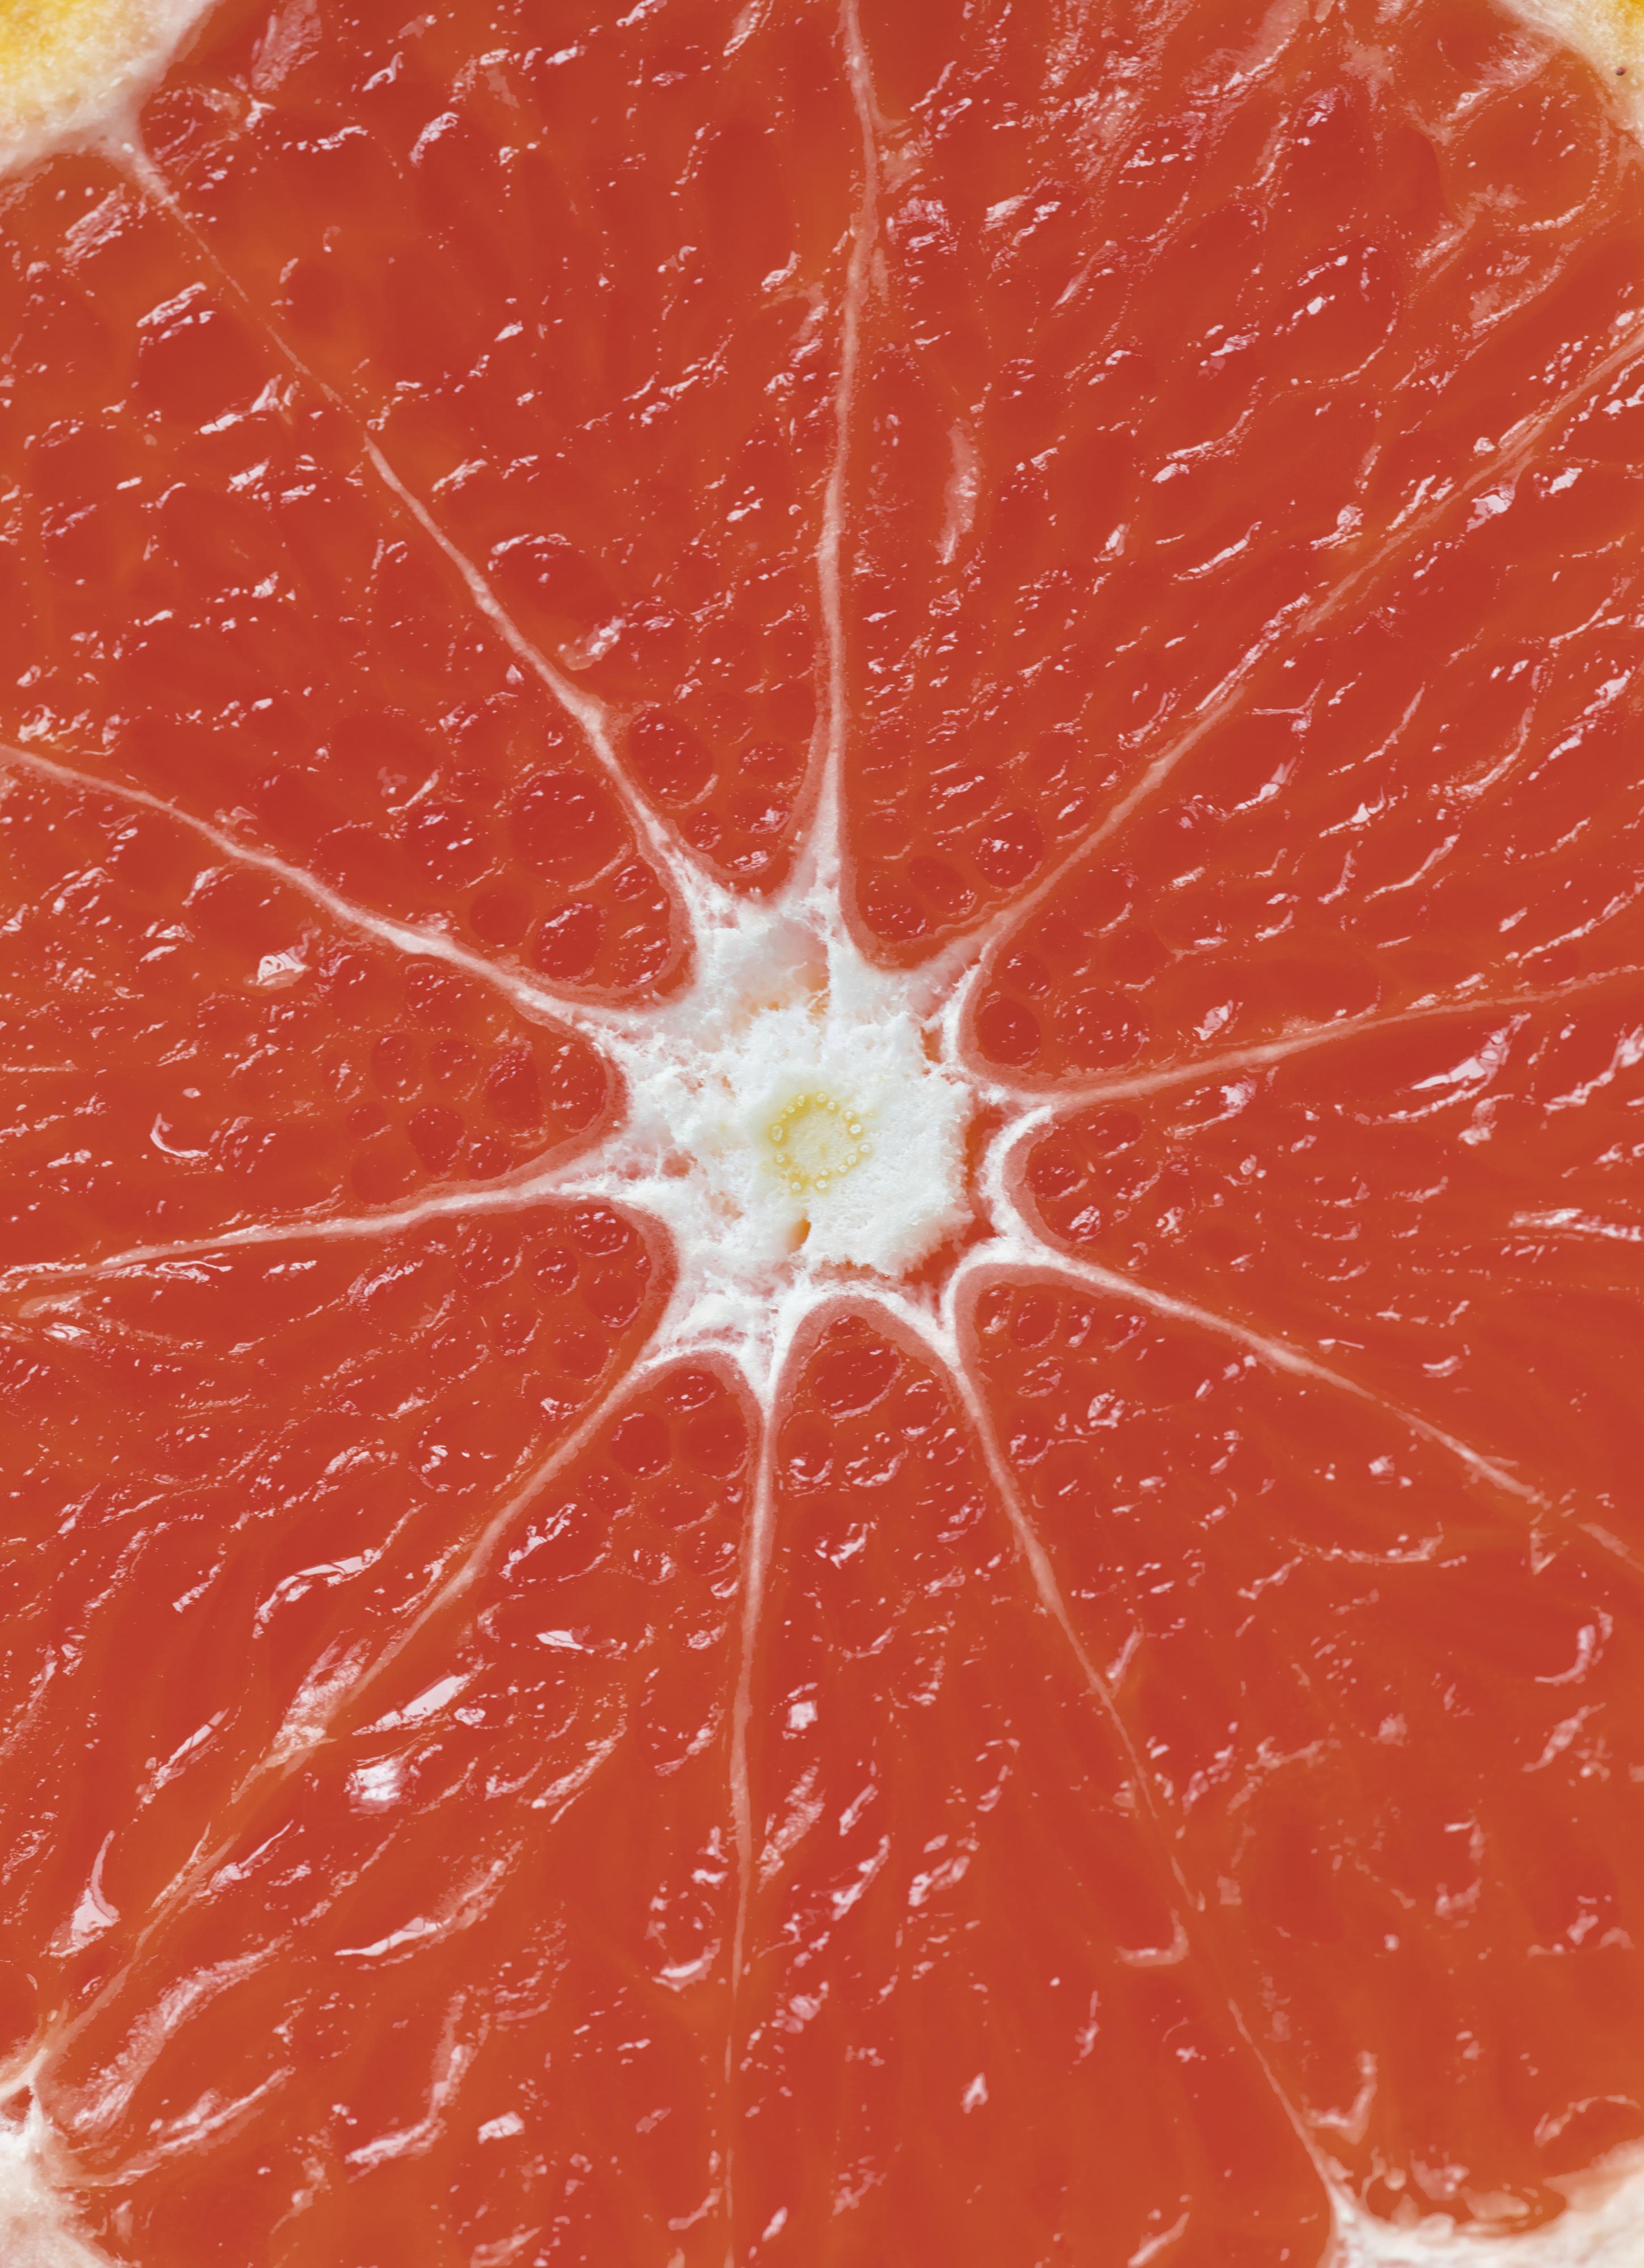 Closeup of red citrus blood orange textured